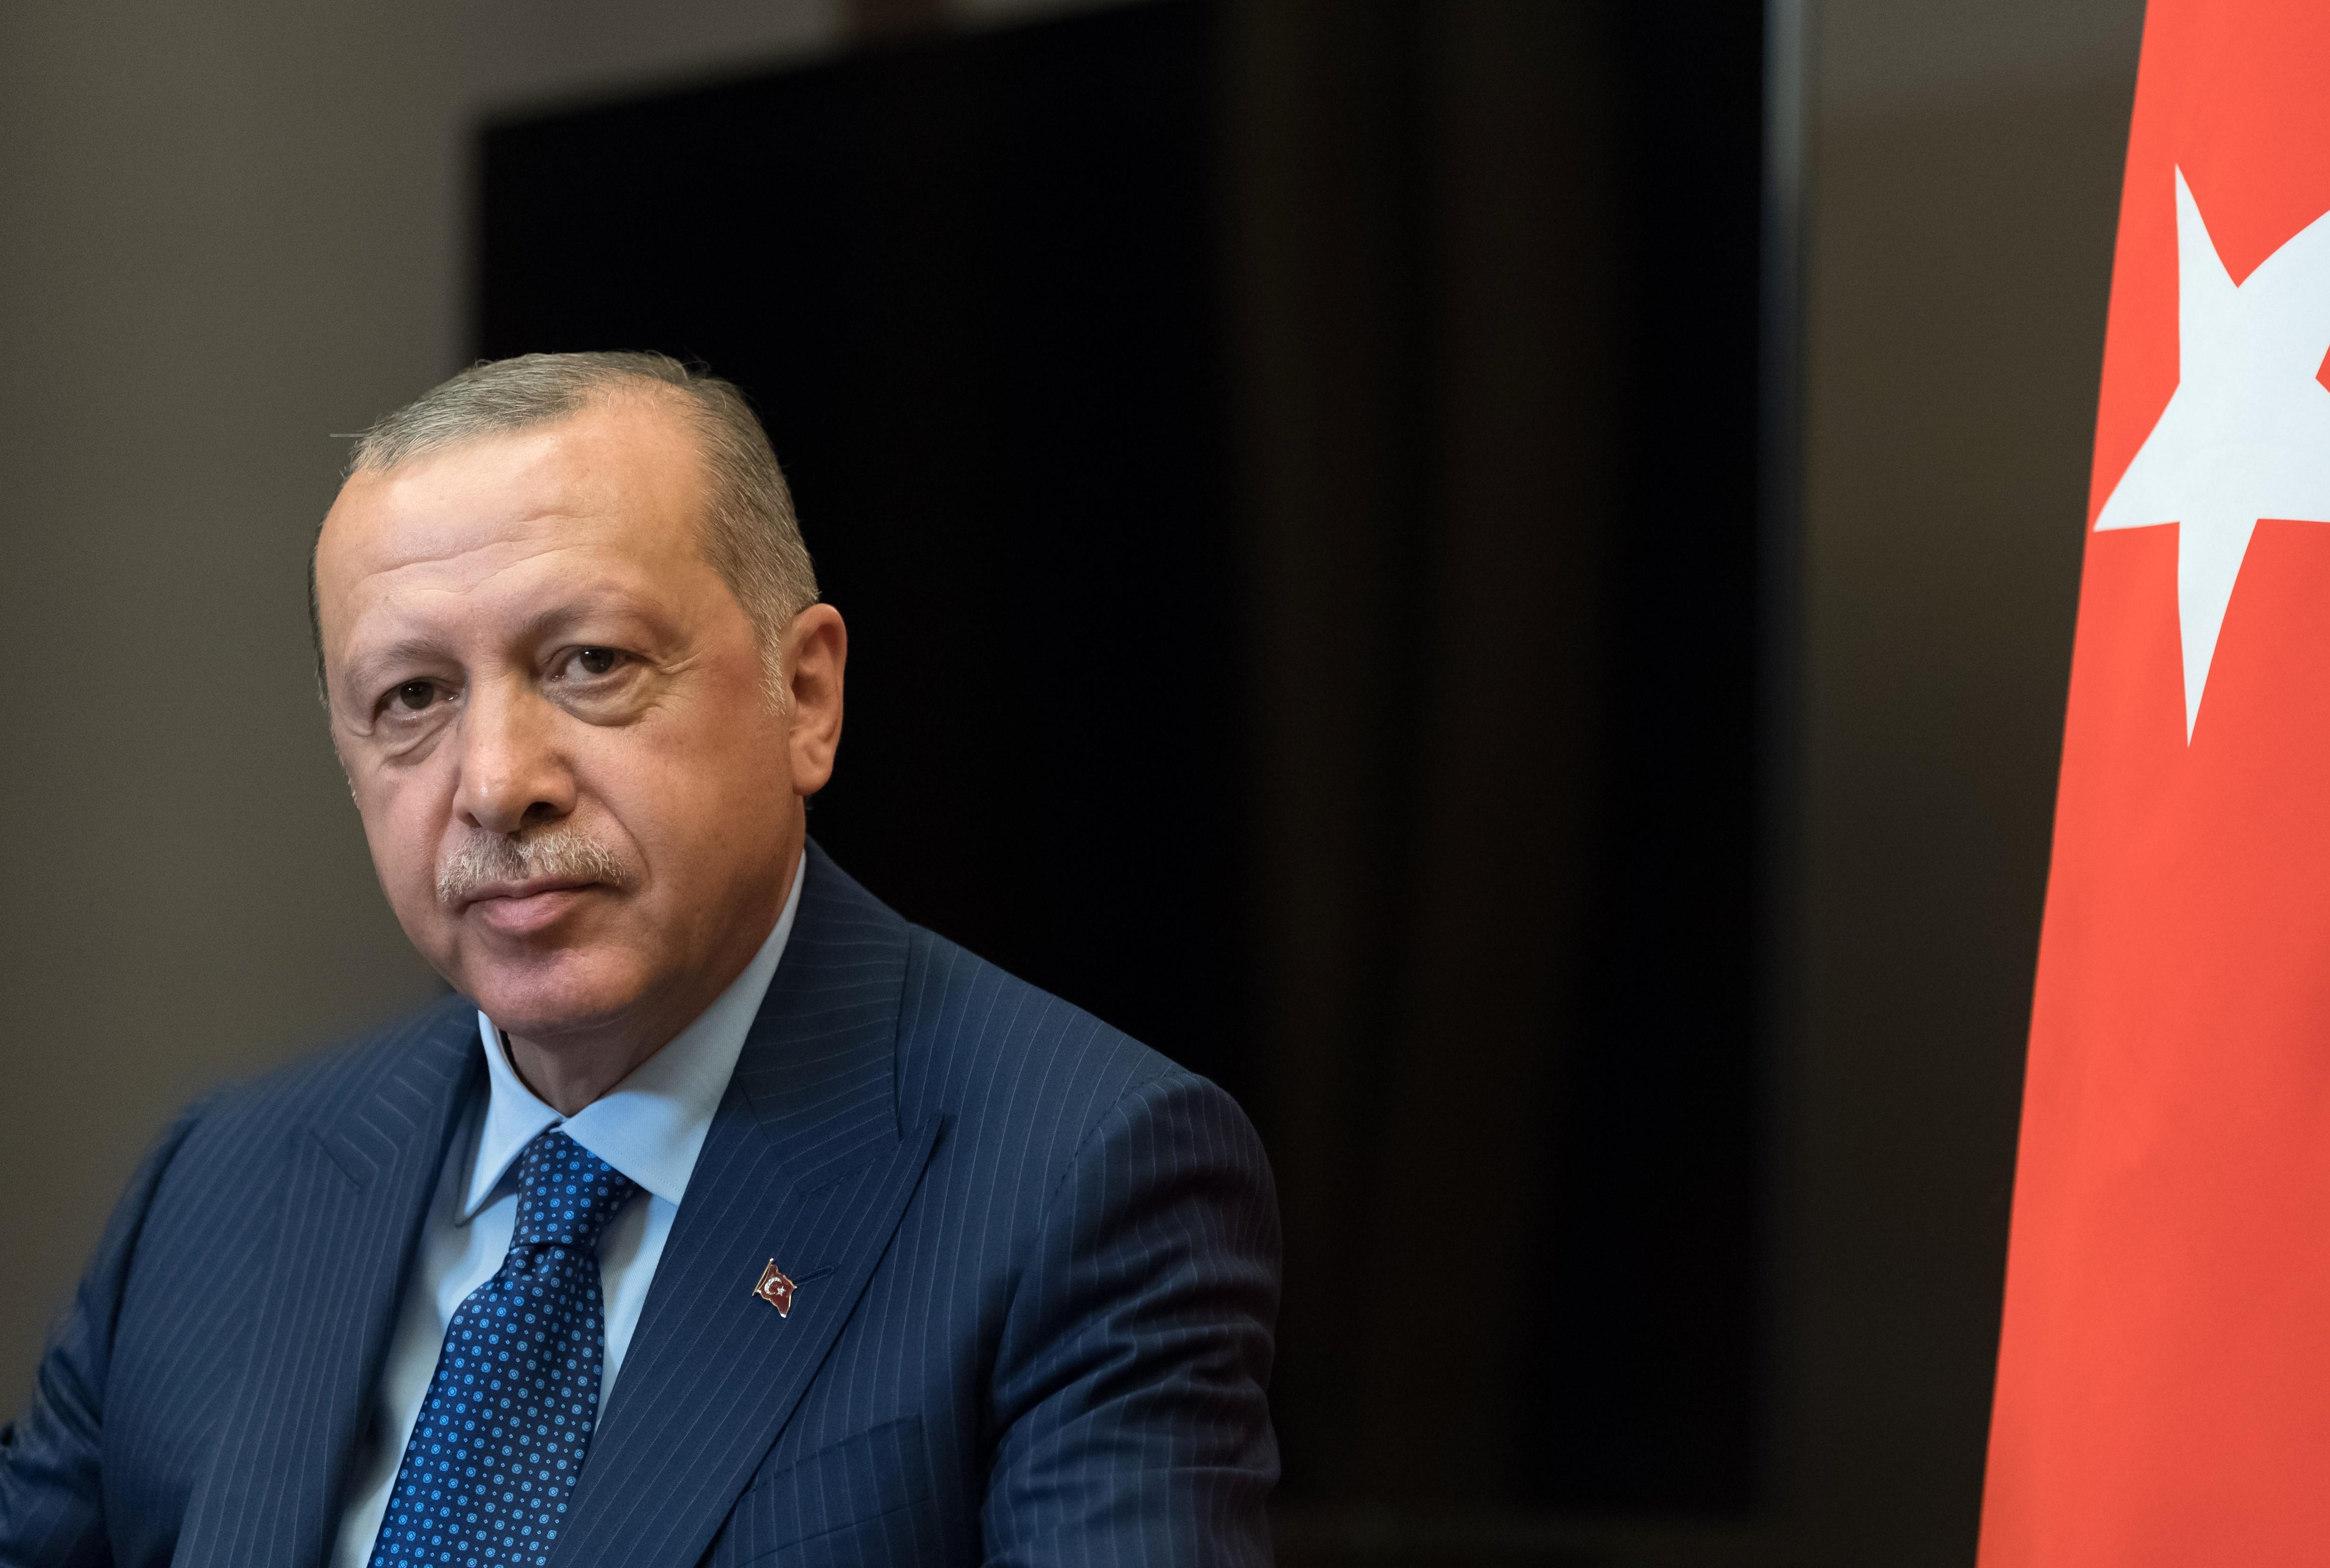 <p>Реджеп Эрдоган. Фото: &copy; РИА Новости/Сергей Гунеев</p>